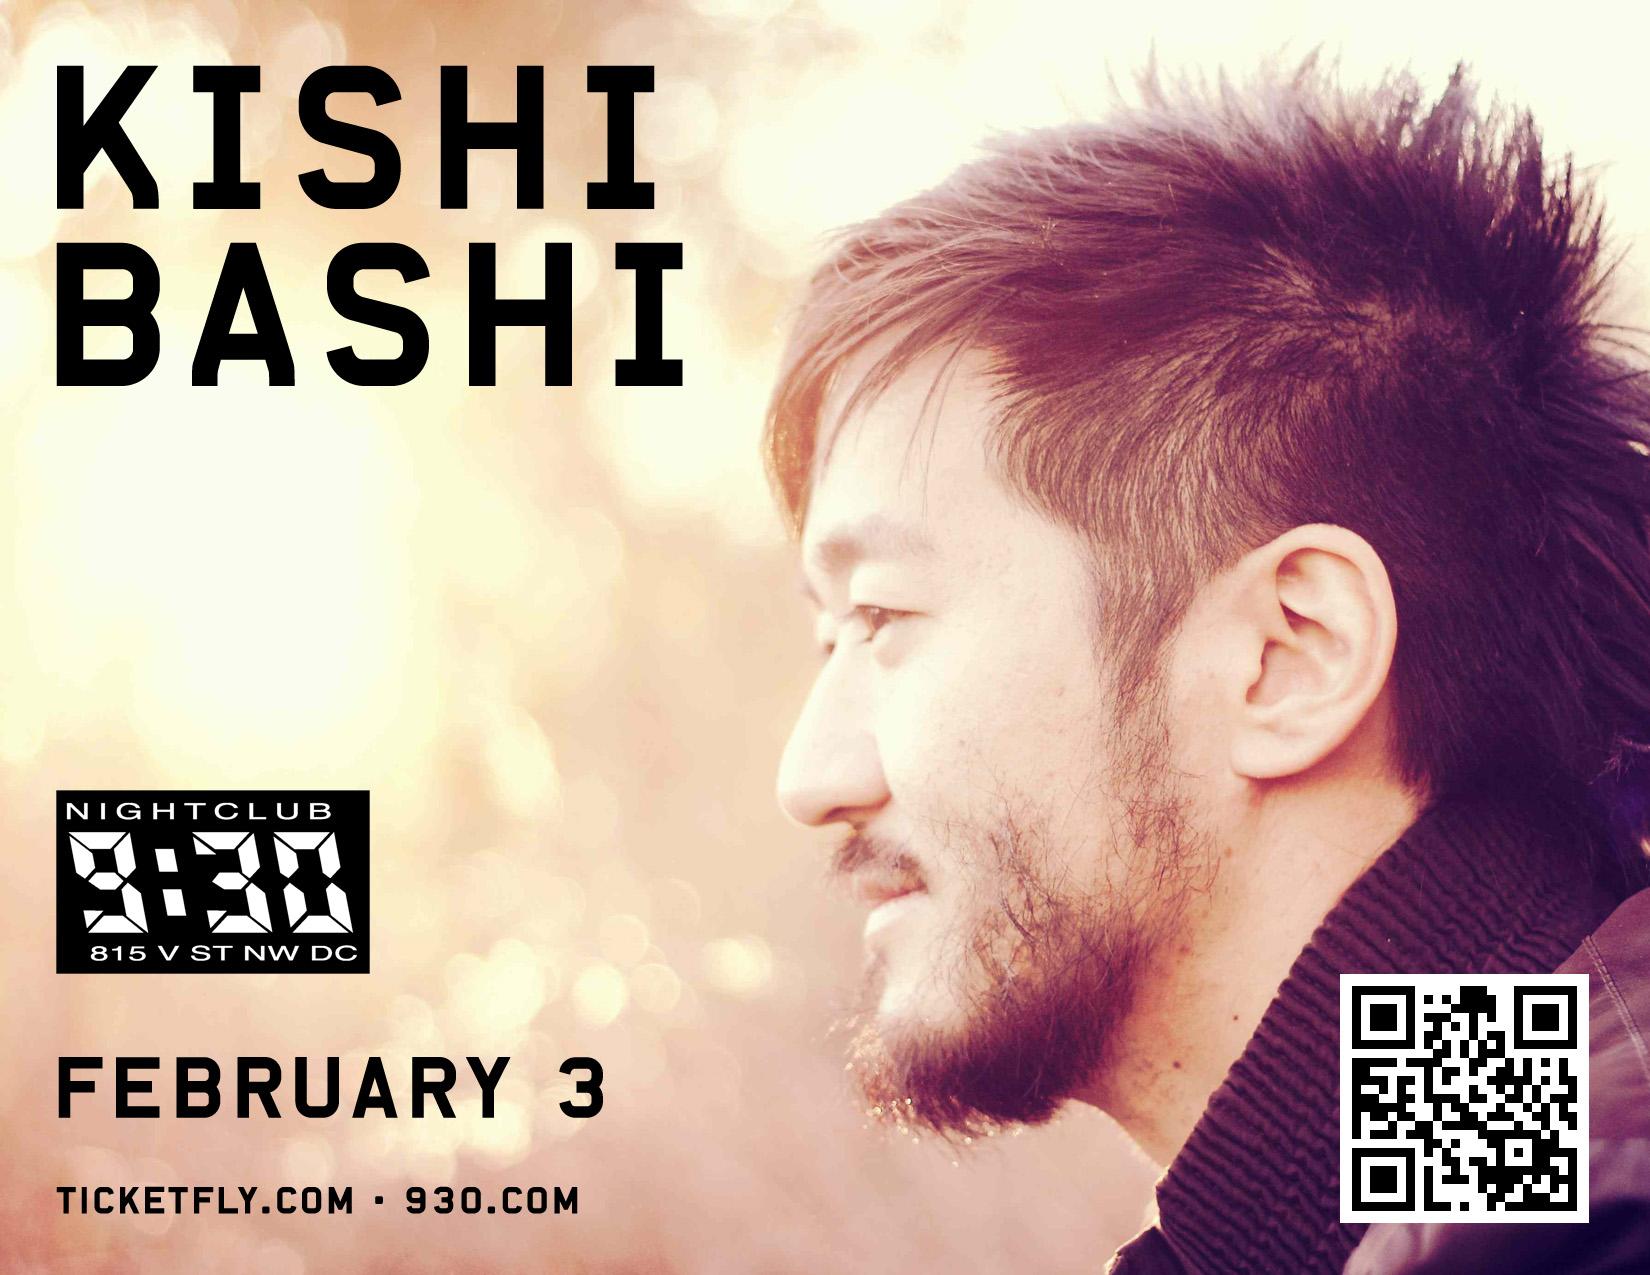 KishiBashiF